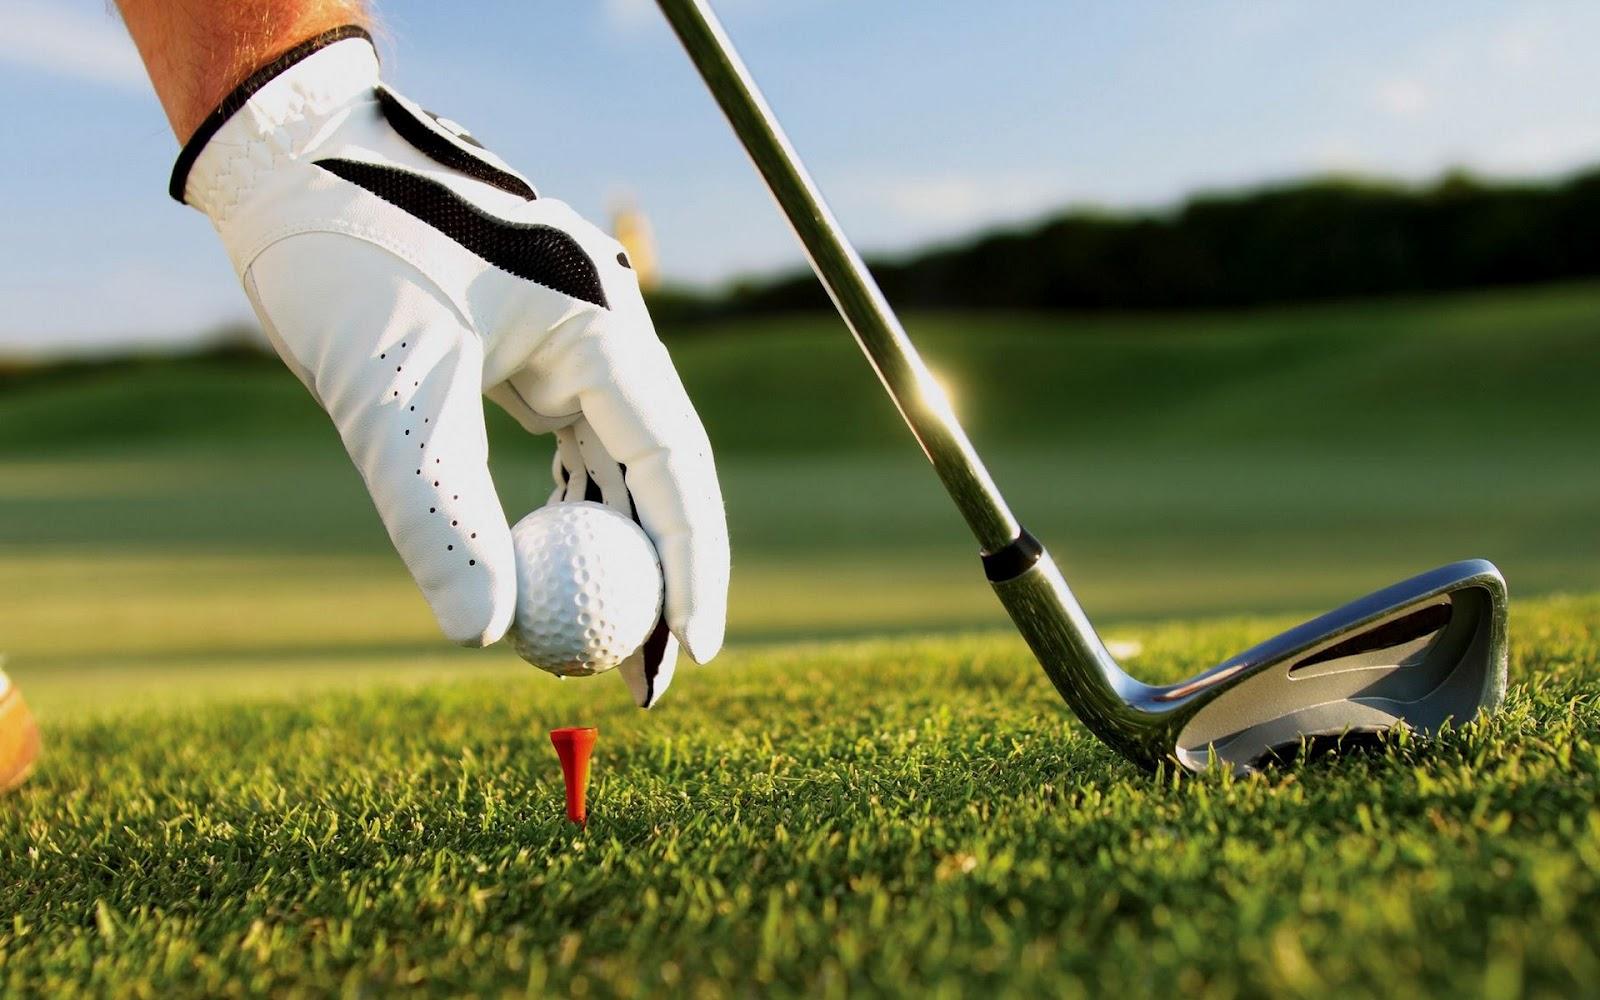 http://3.bp.blogspot.com/-vK5CVUeYYss/UCYuegO0JbI/AAAAAAAAMKk/E59LgoVMy88/s1600/golf-stick.jpg